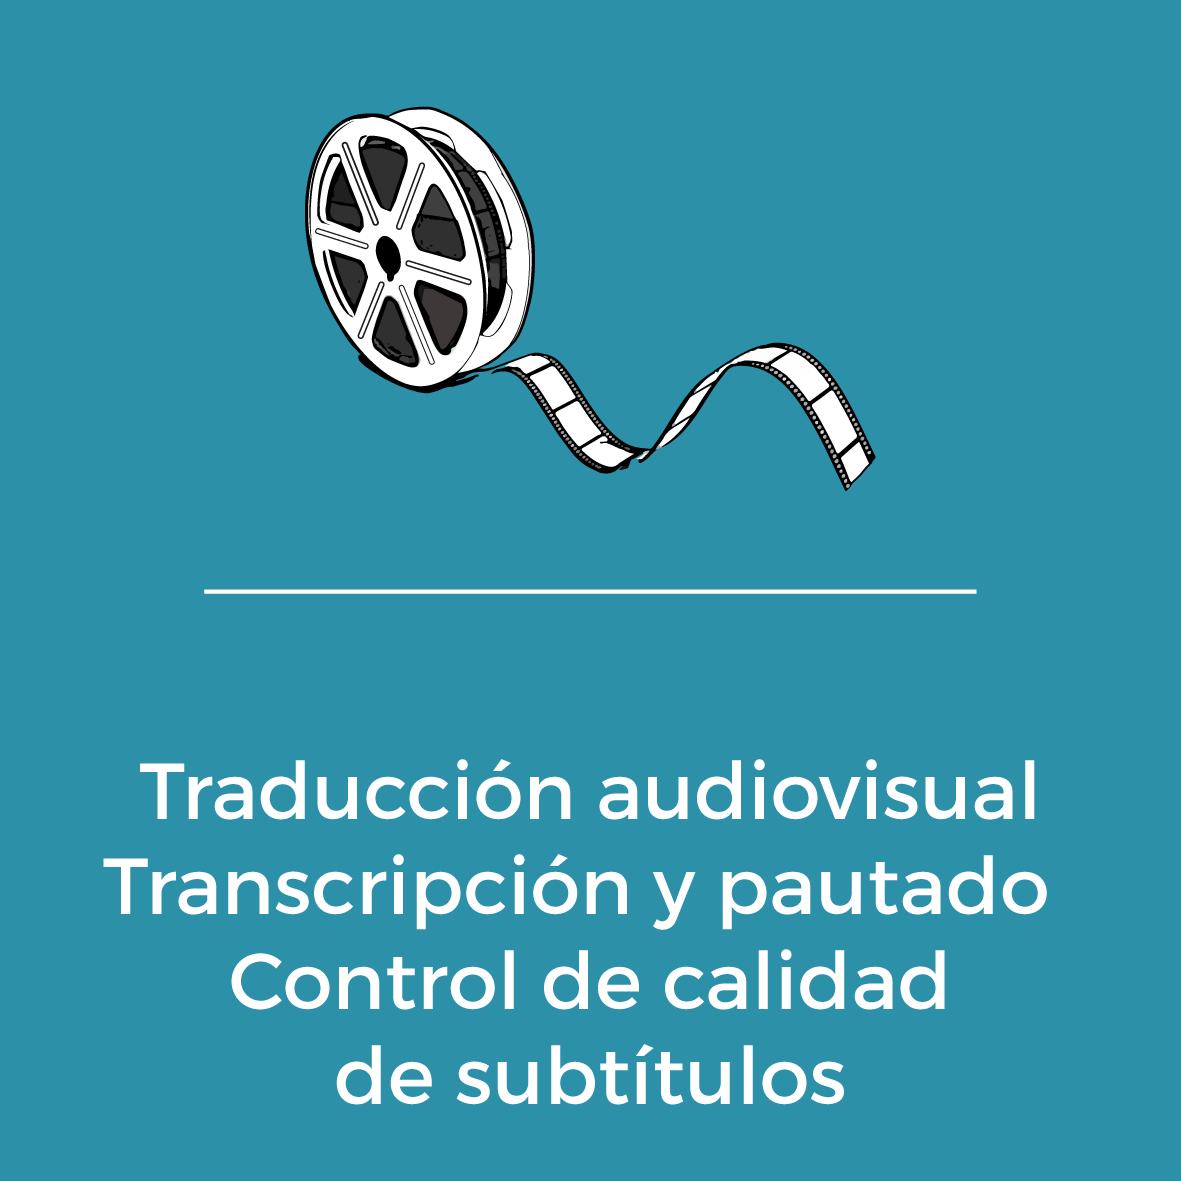 Servicios - Traducción audiovisual - Transcripción y pautado - Control de calidad de subtítulos